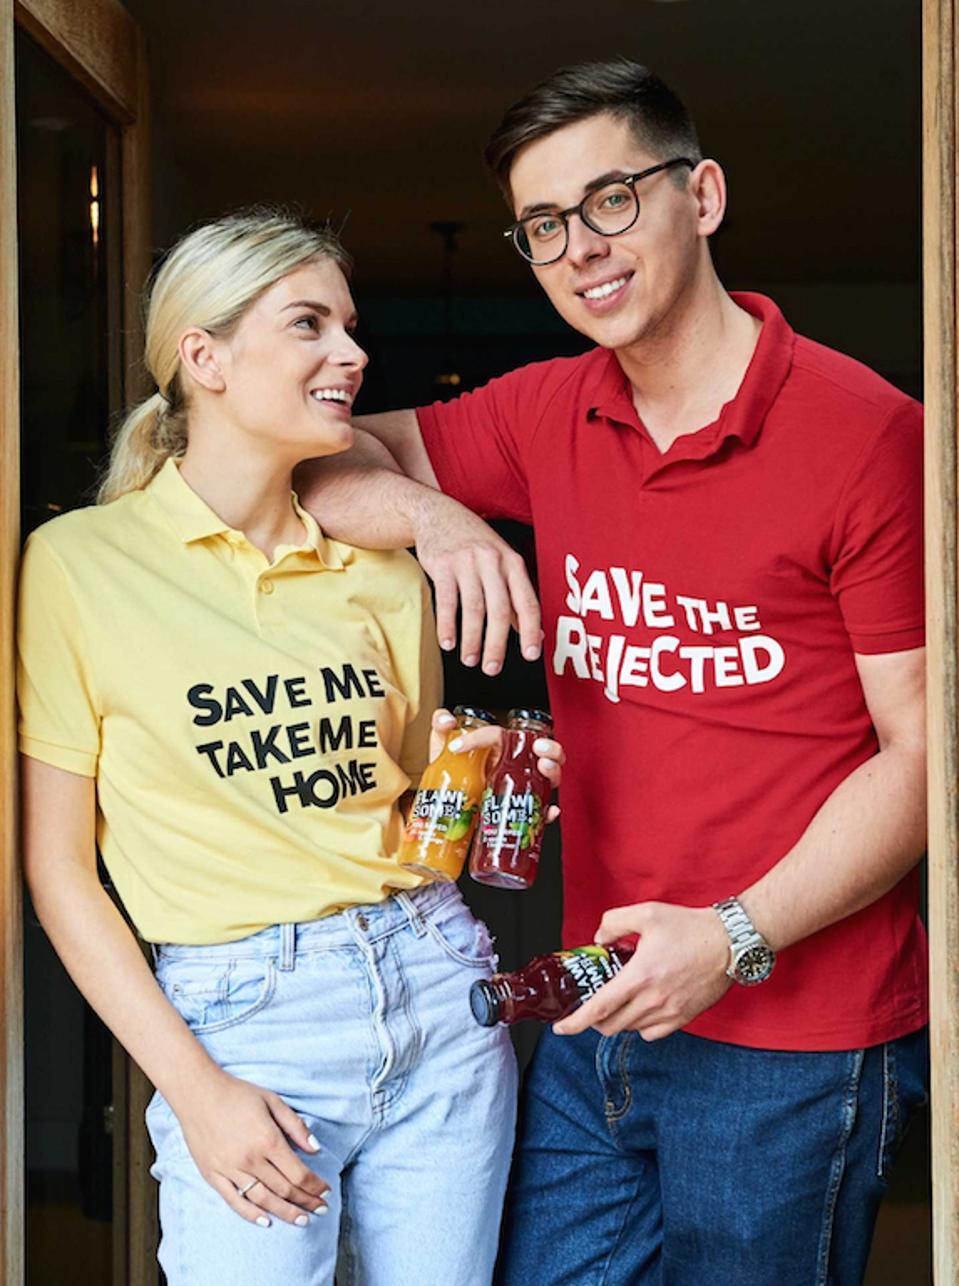 Flawsome! founders Maciek Kacprzyk and Karina Sudenyte